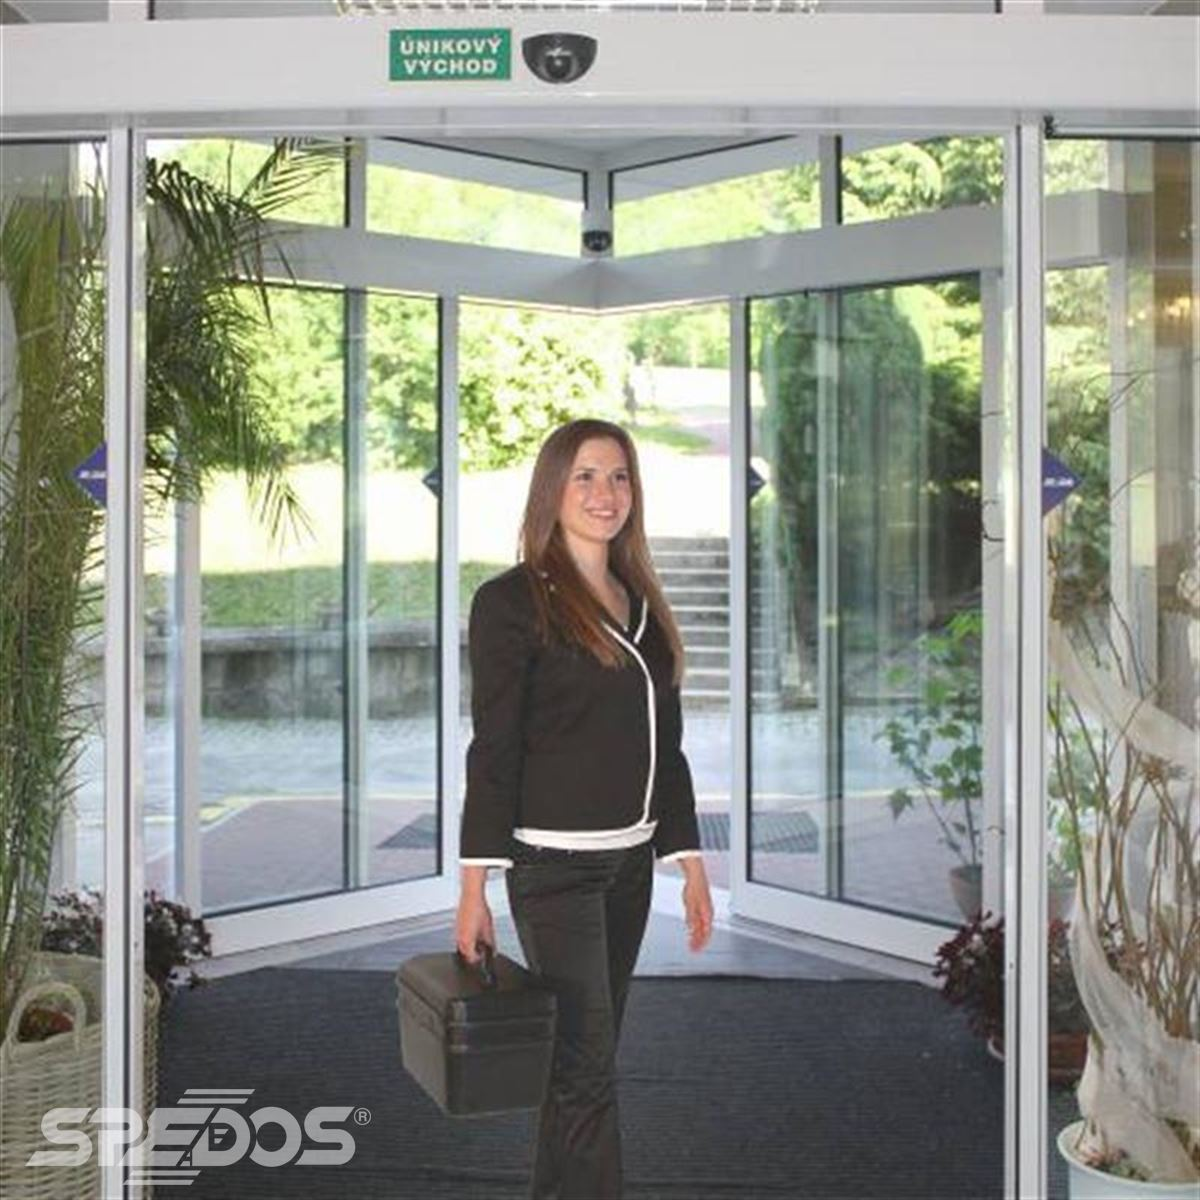 rohové automatické dveře posuvné